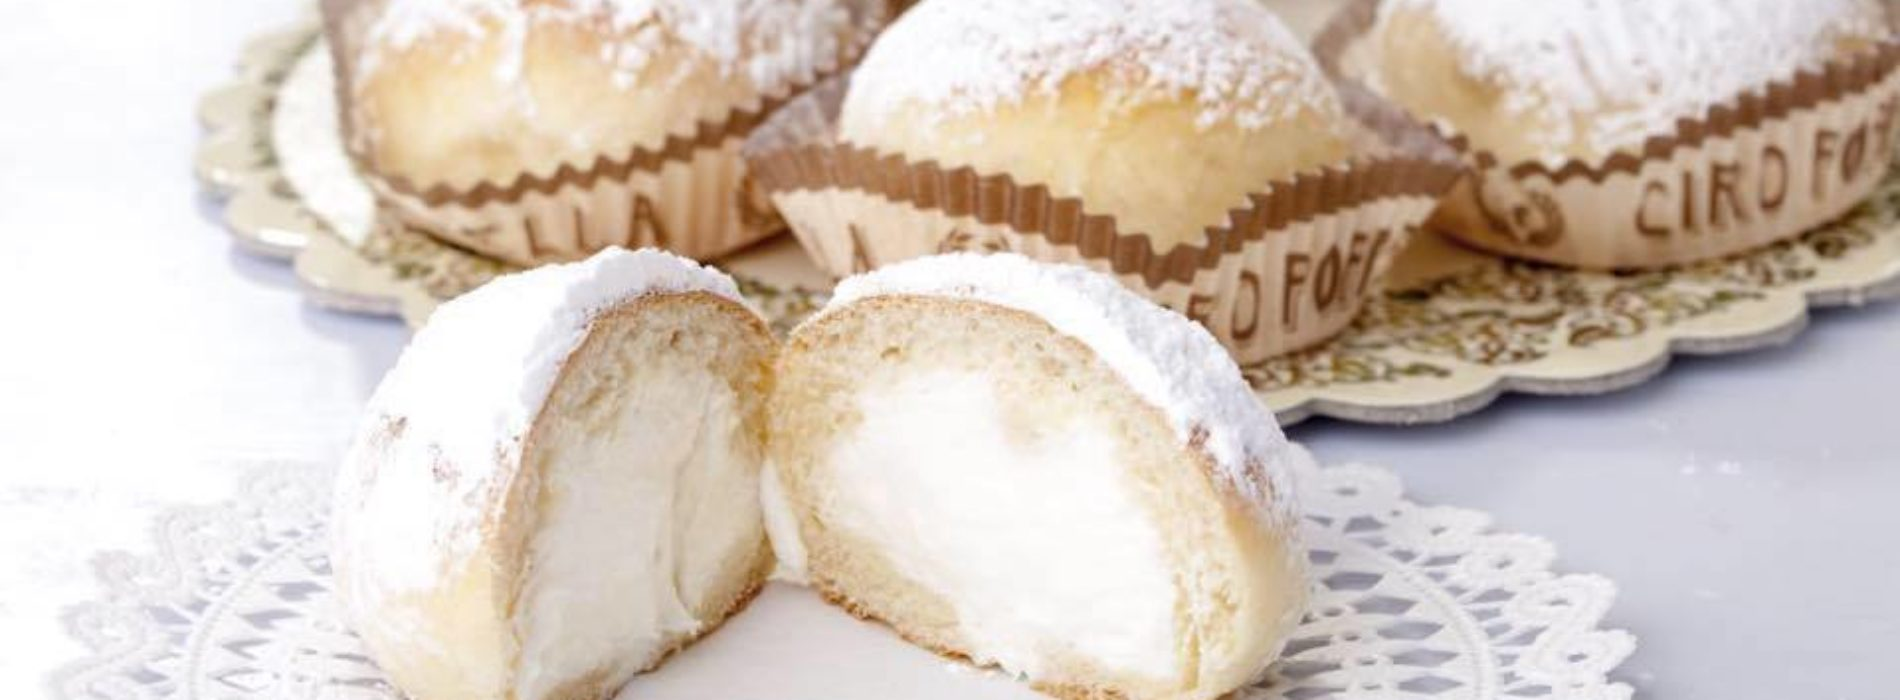 Fiocco di neve: eccellenze della pasticceria napoletana